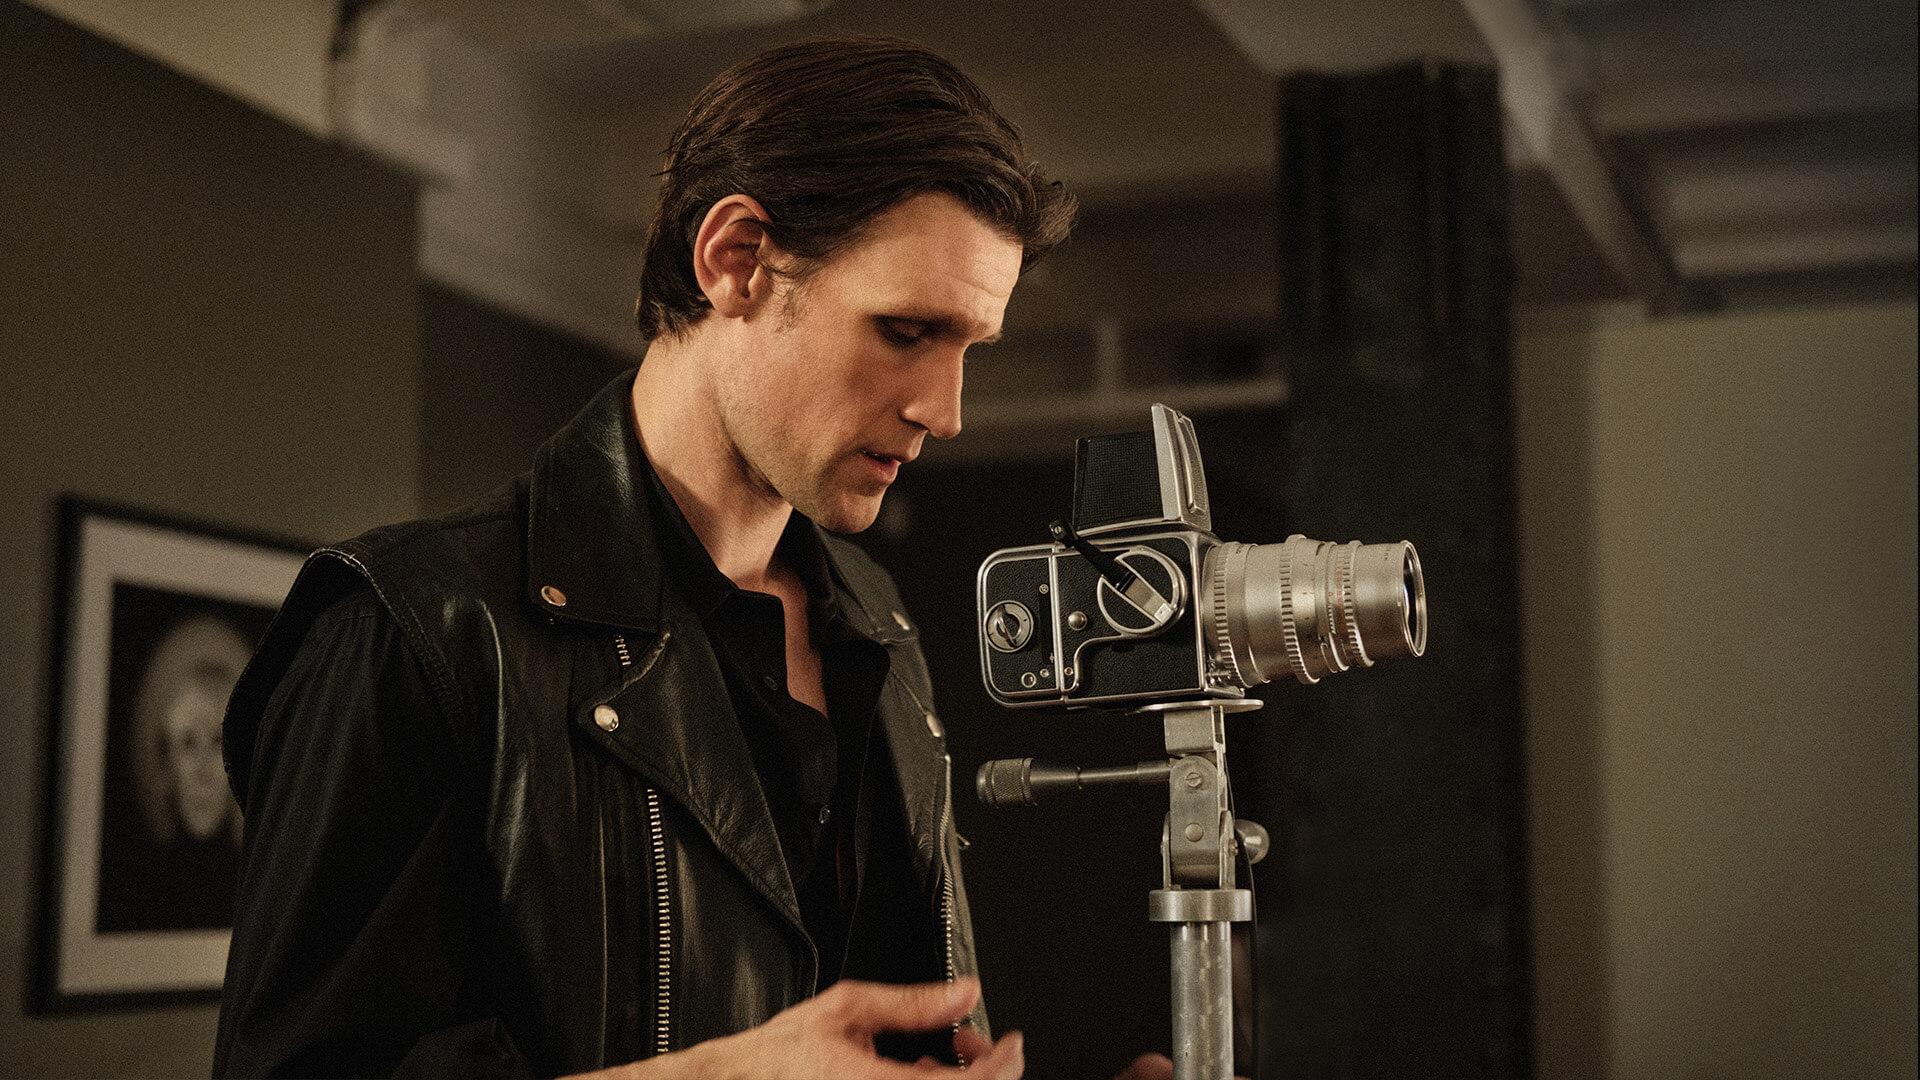 Aquí está el primer trailer de la biopic del icónico fotógrafo Robert Mapplethorpe